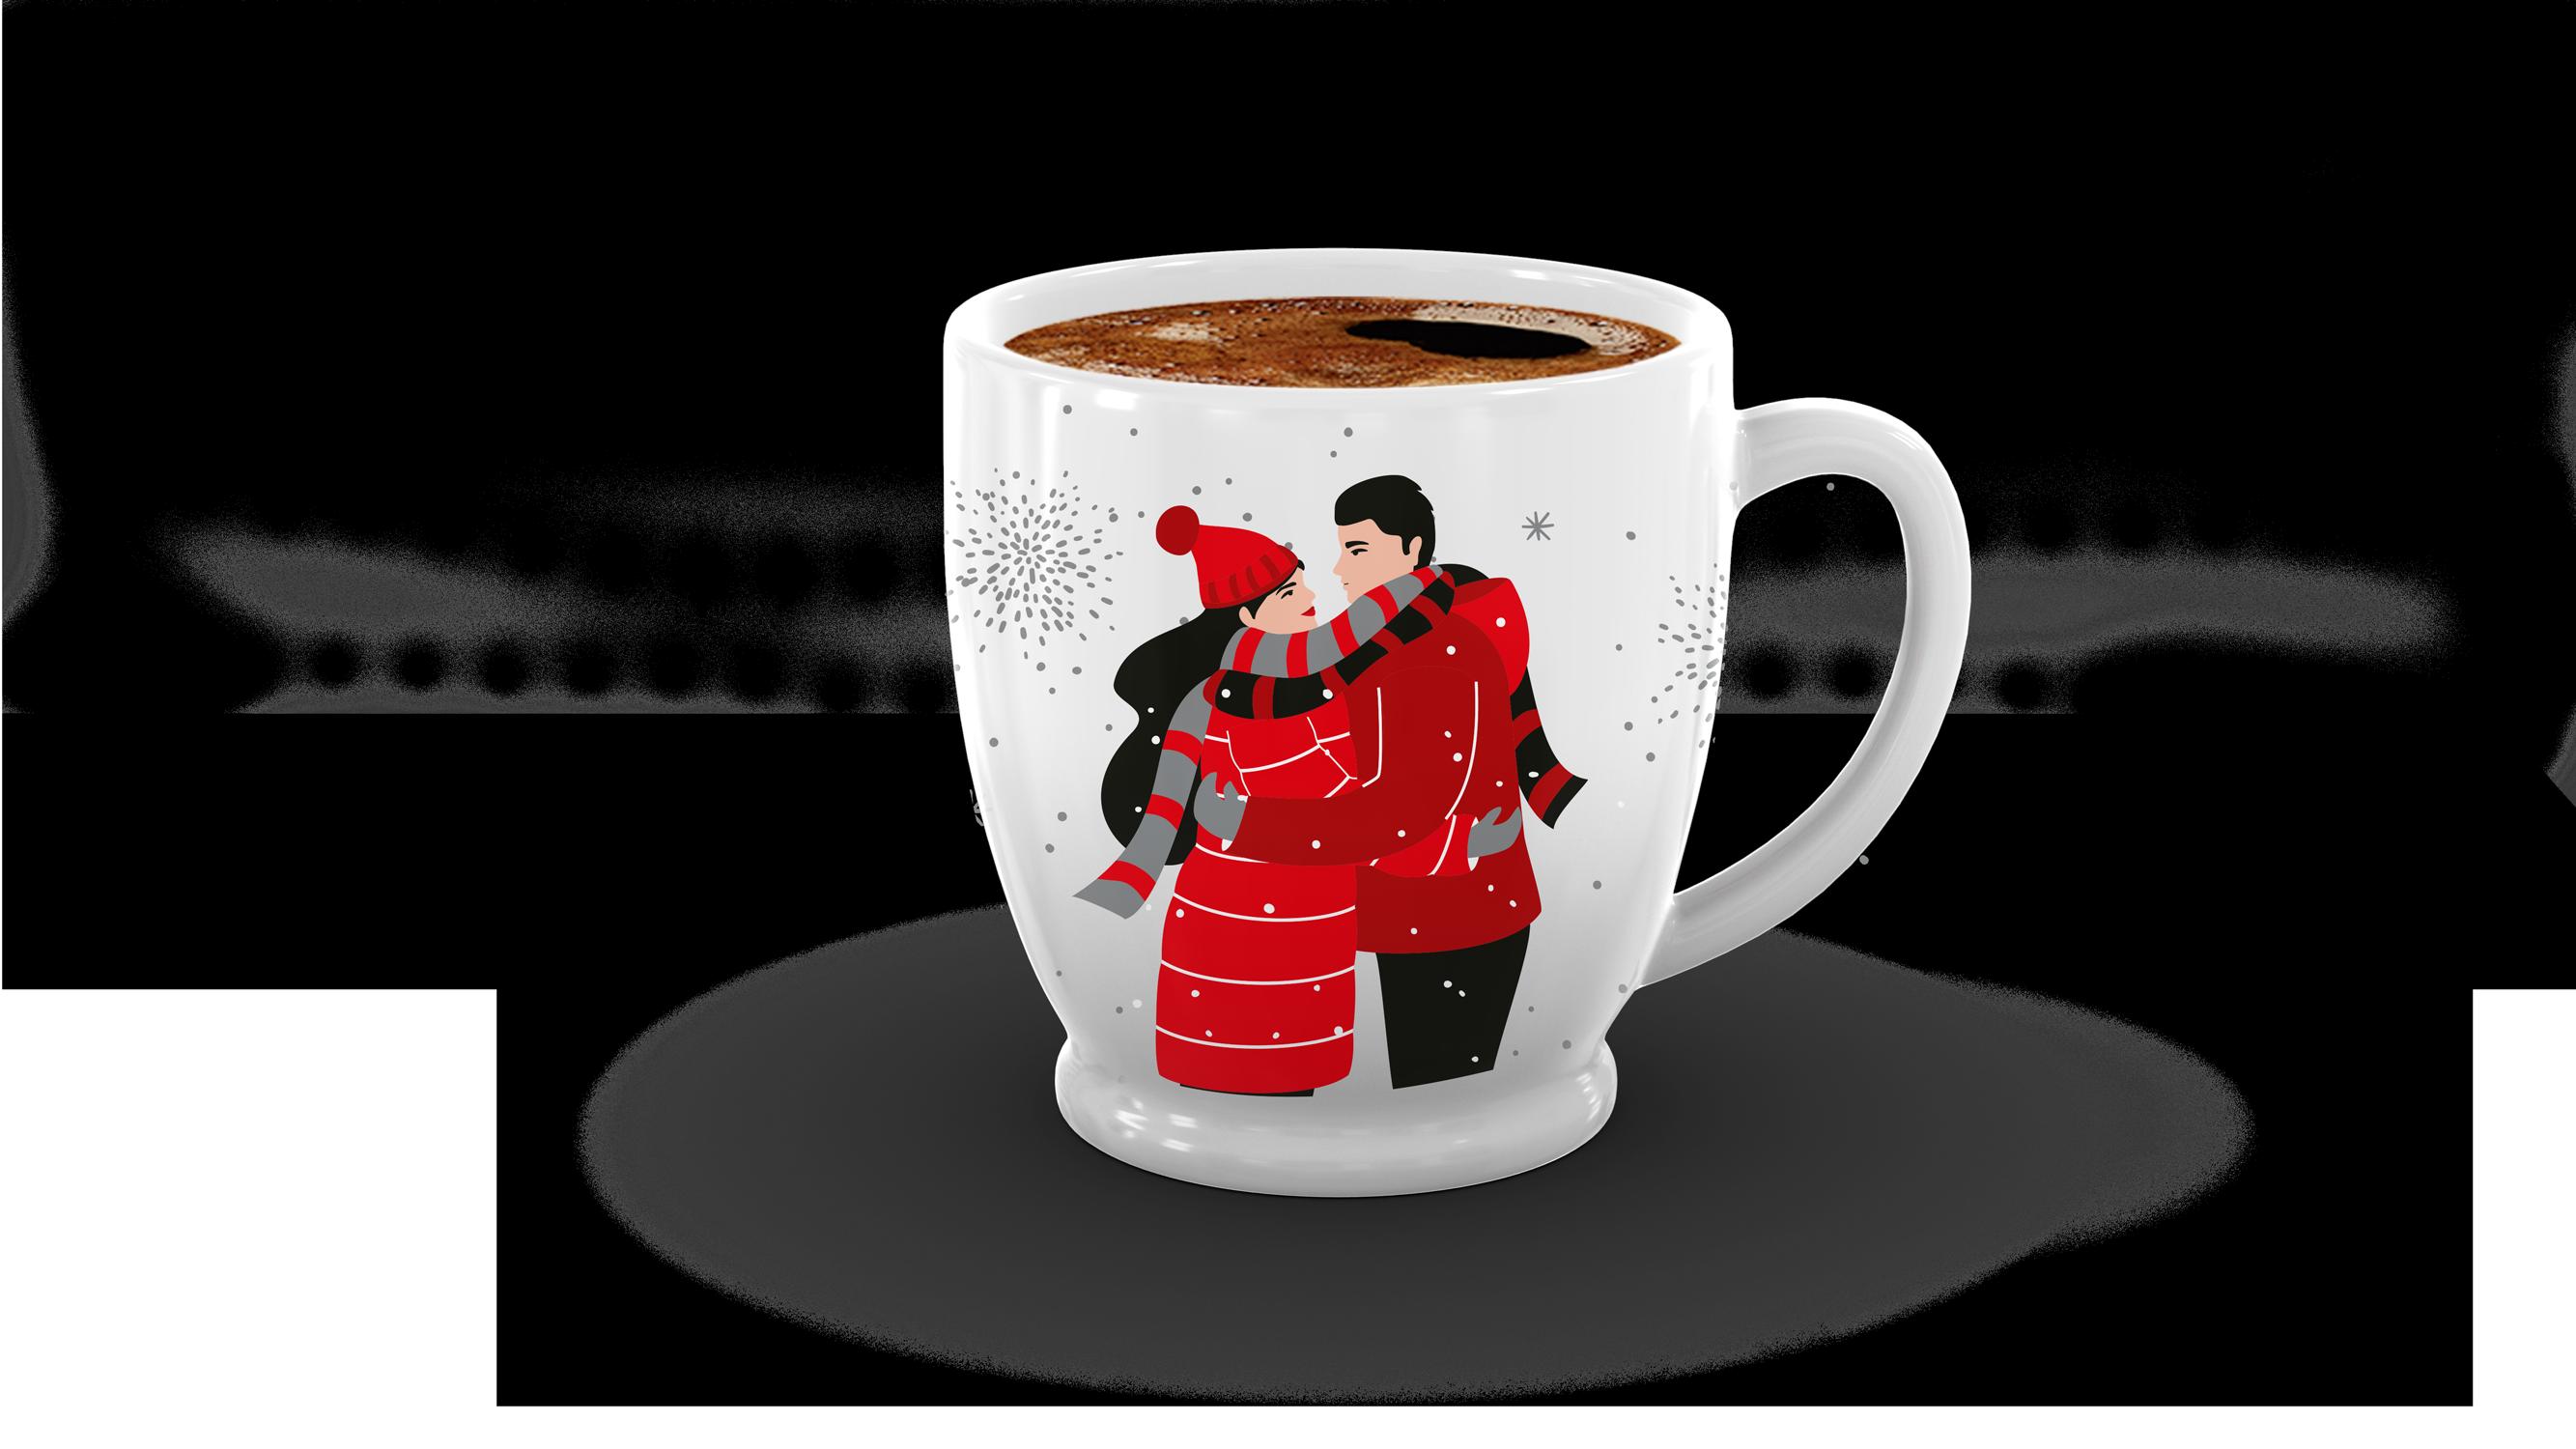 Doncafe šoljica 2020 1